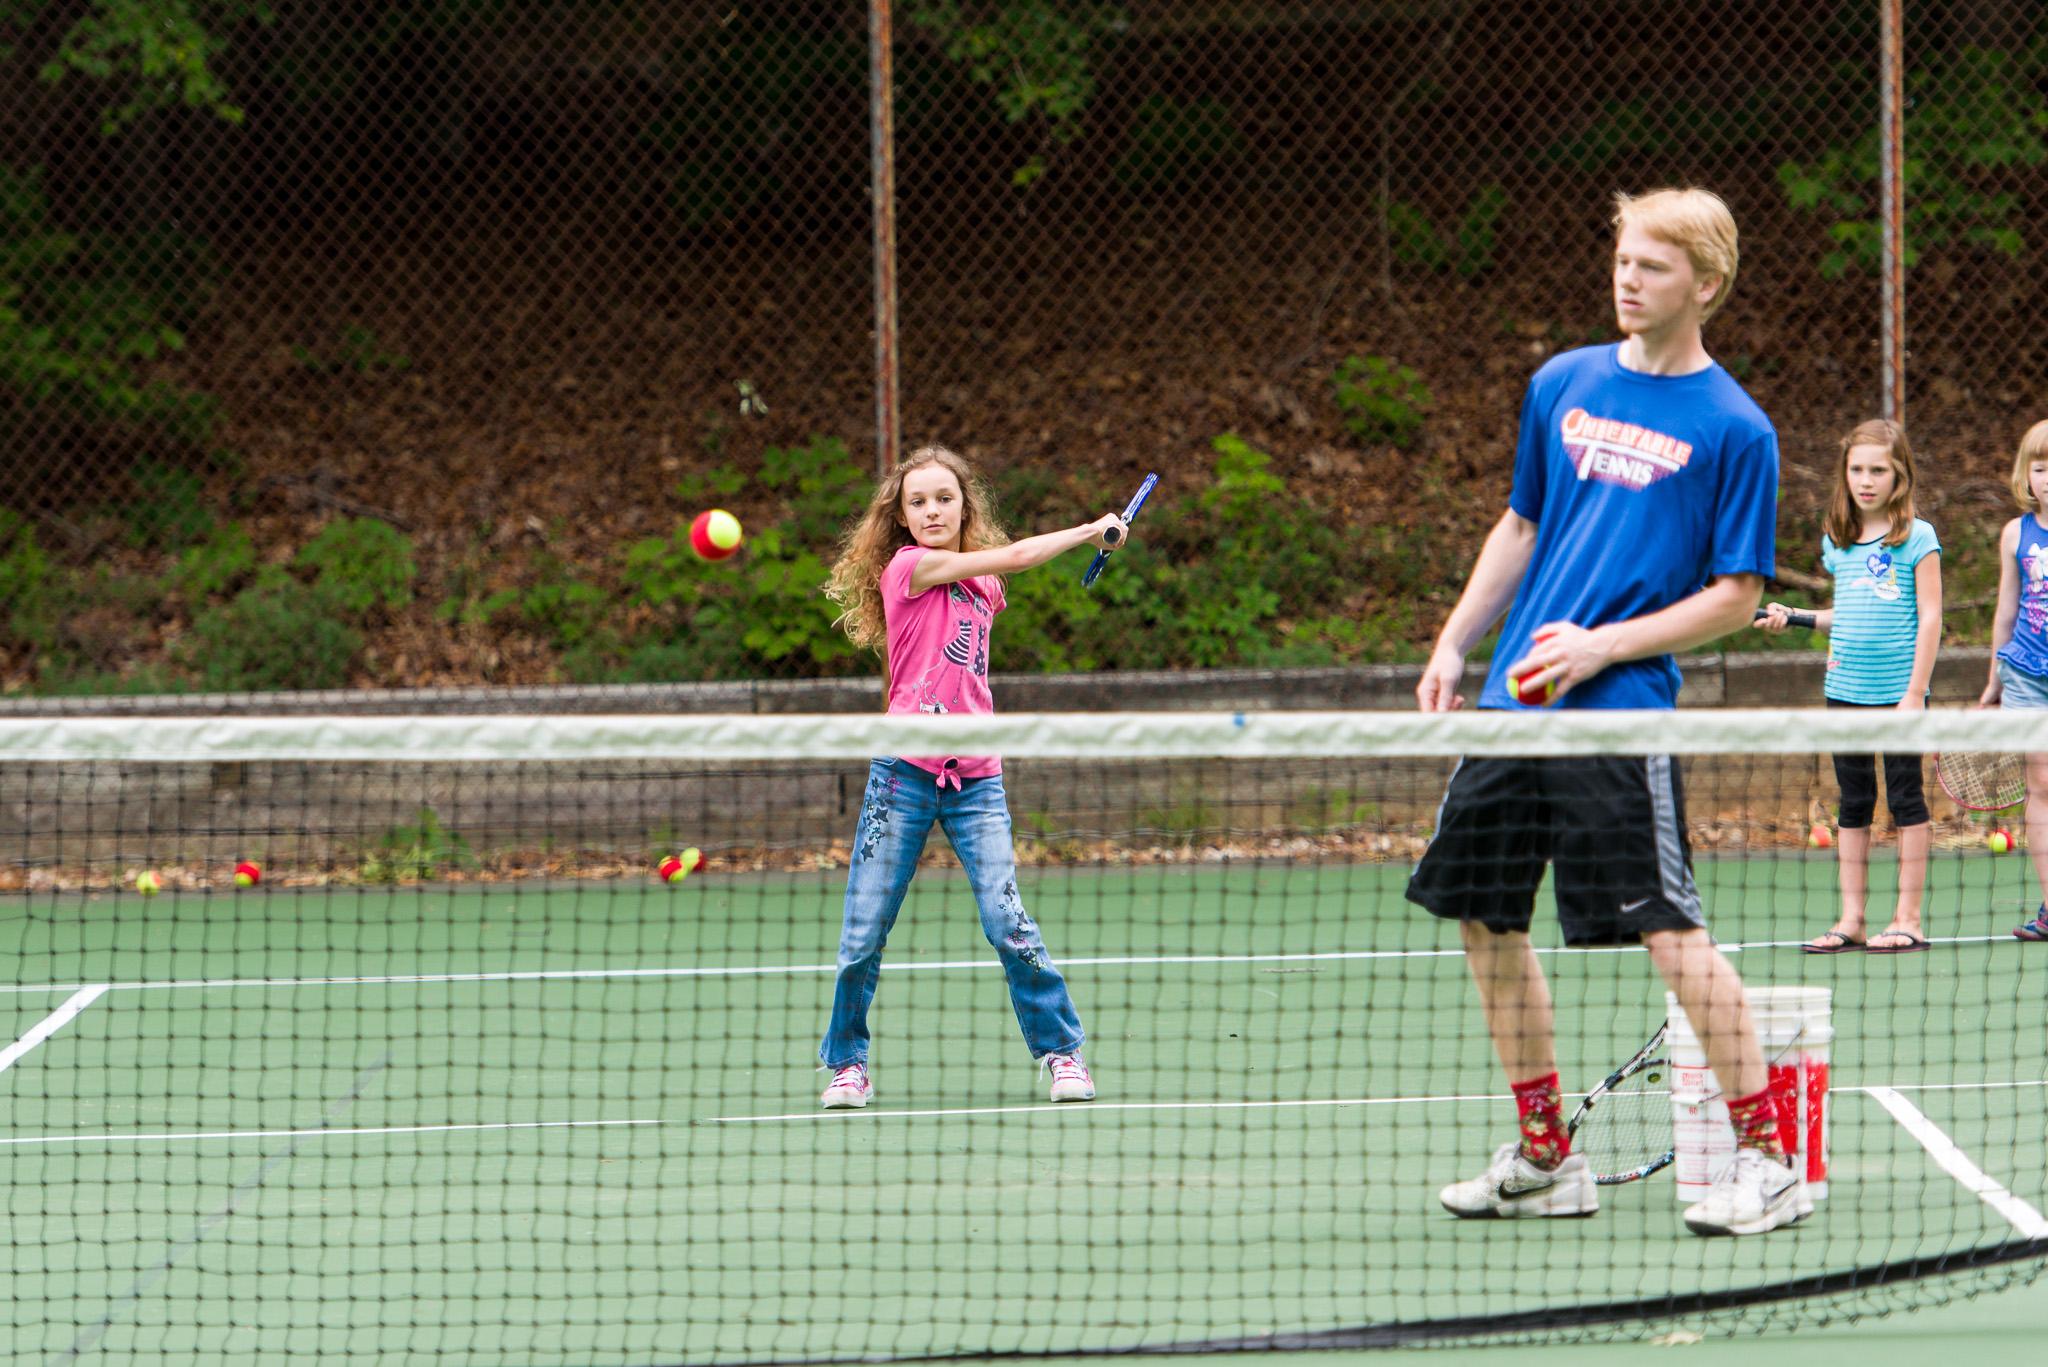 FoxHunt_Open-House-Tennis_20170521_145002.jpg